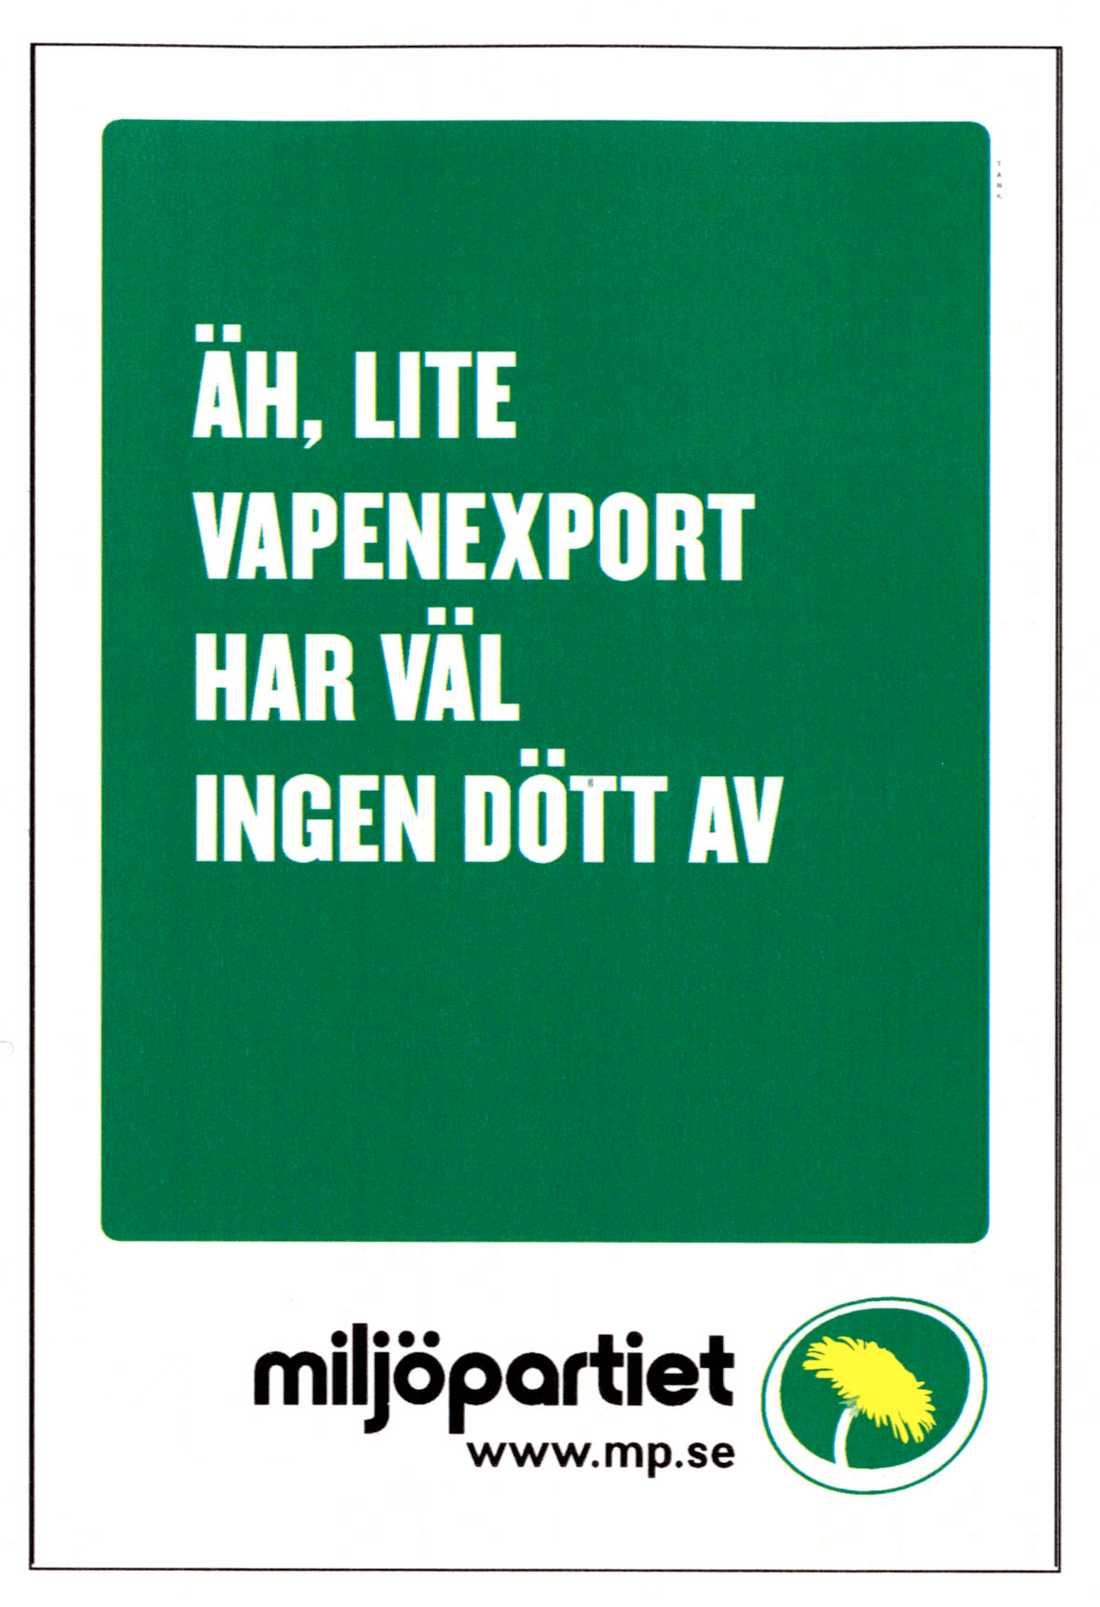 Miljöpartiet 2002